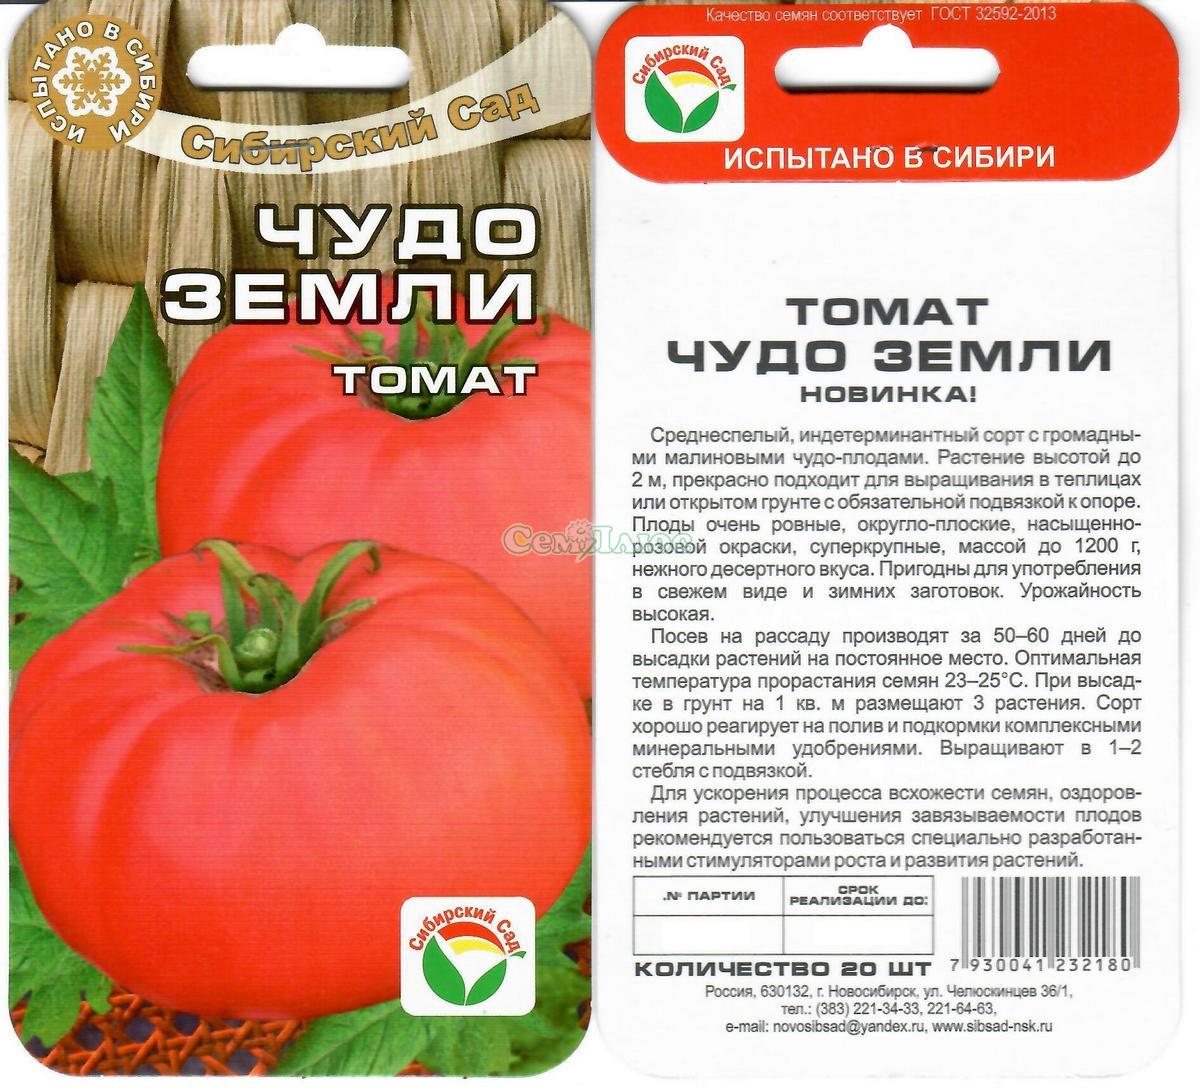 всех томат чудо земли описание сорта фото отзывы сети